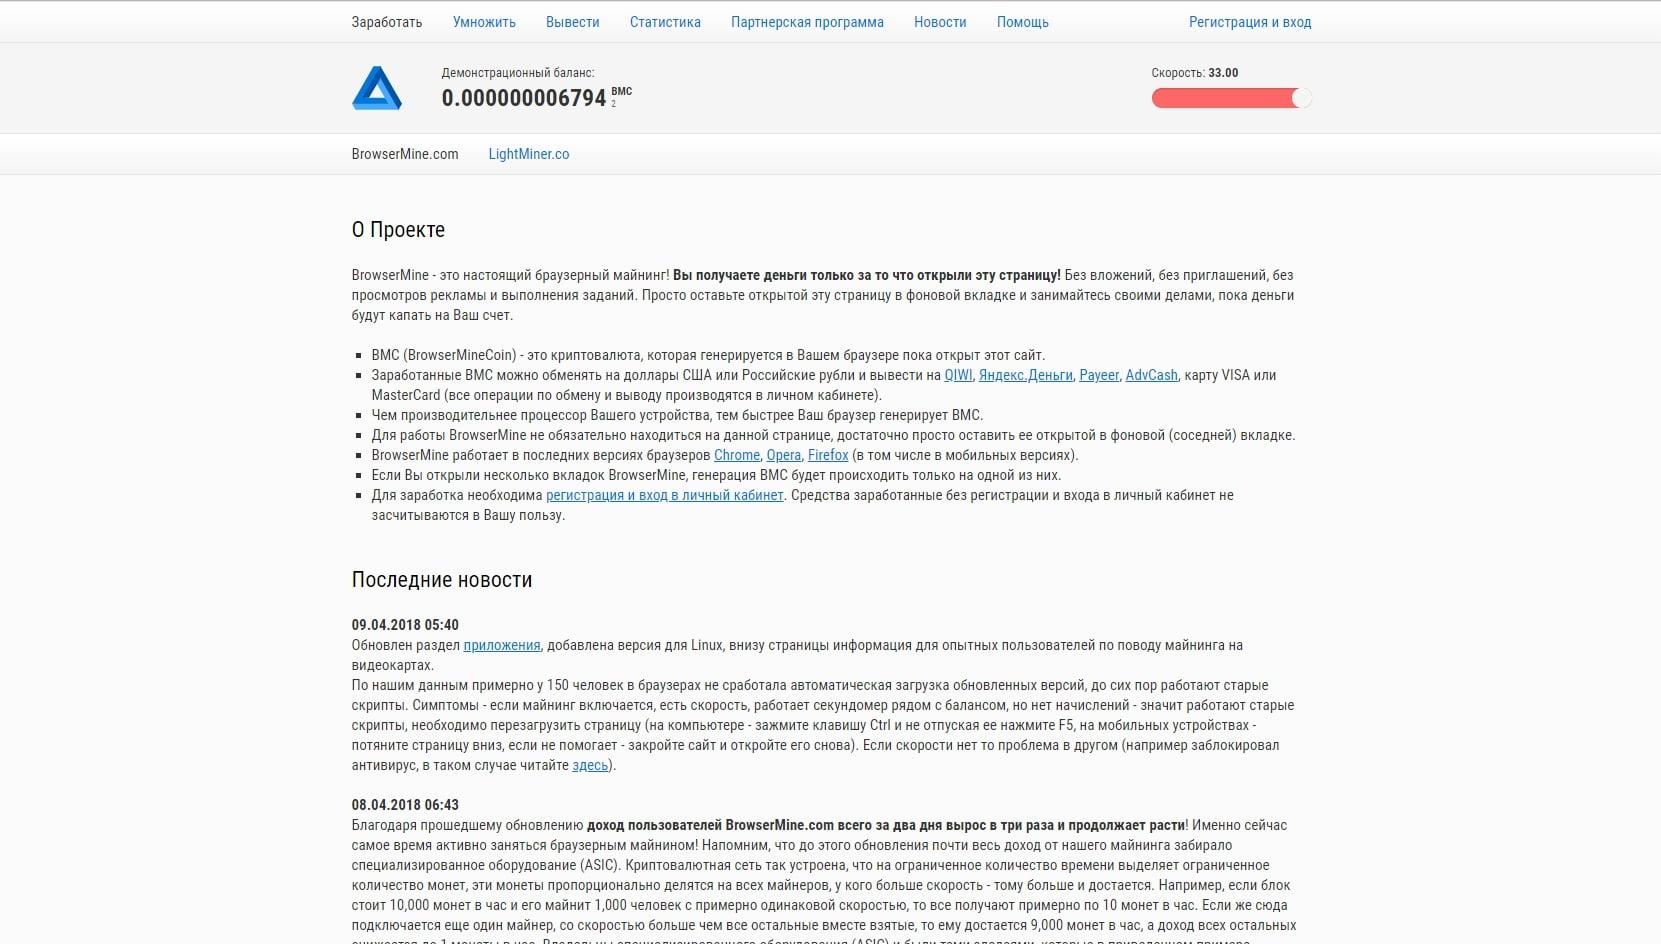 Сервис BrowserMine